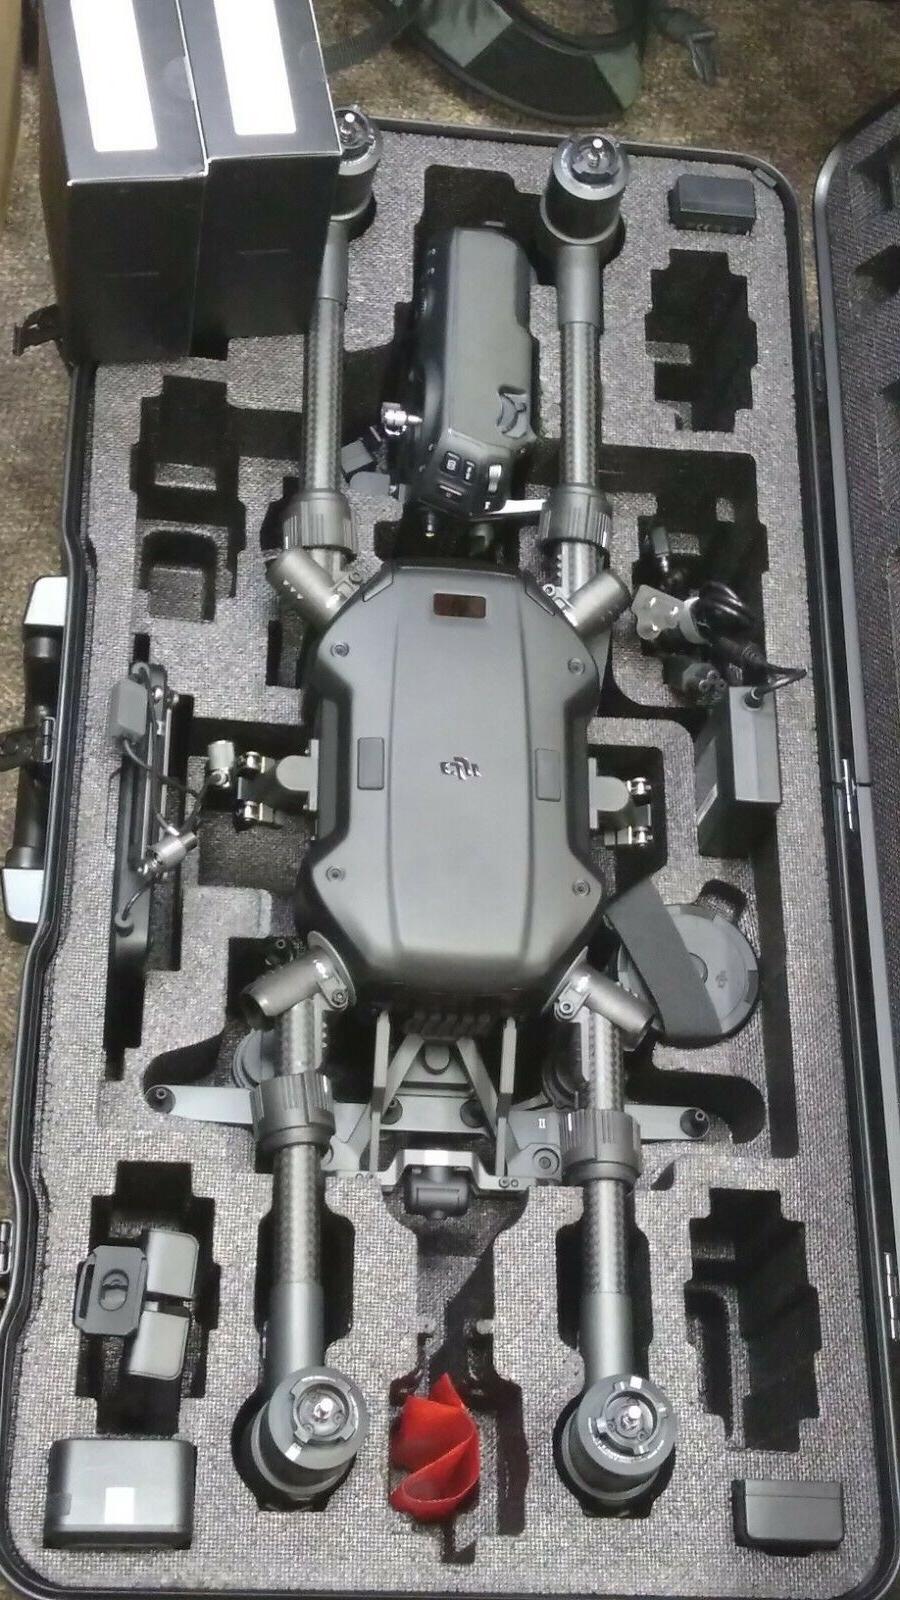 open b0x demo m210 v1 drone